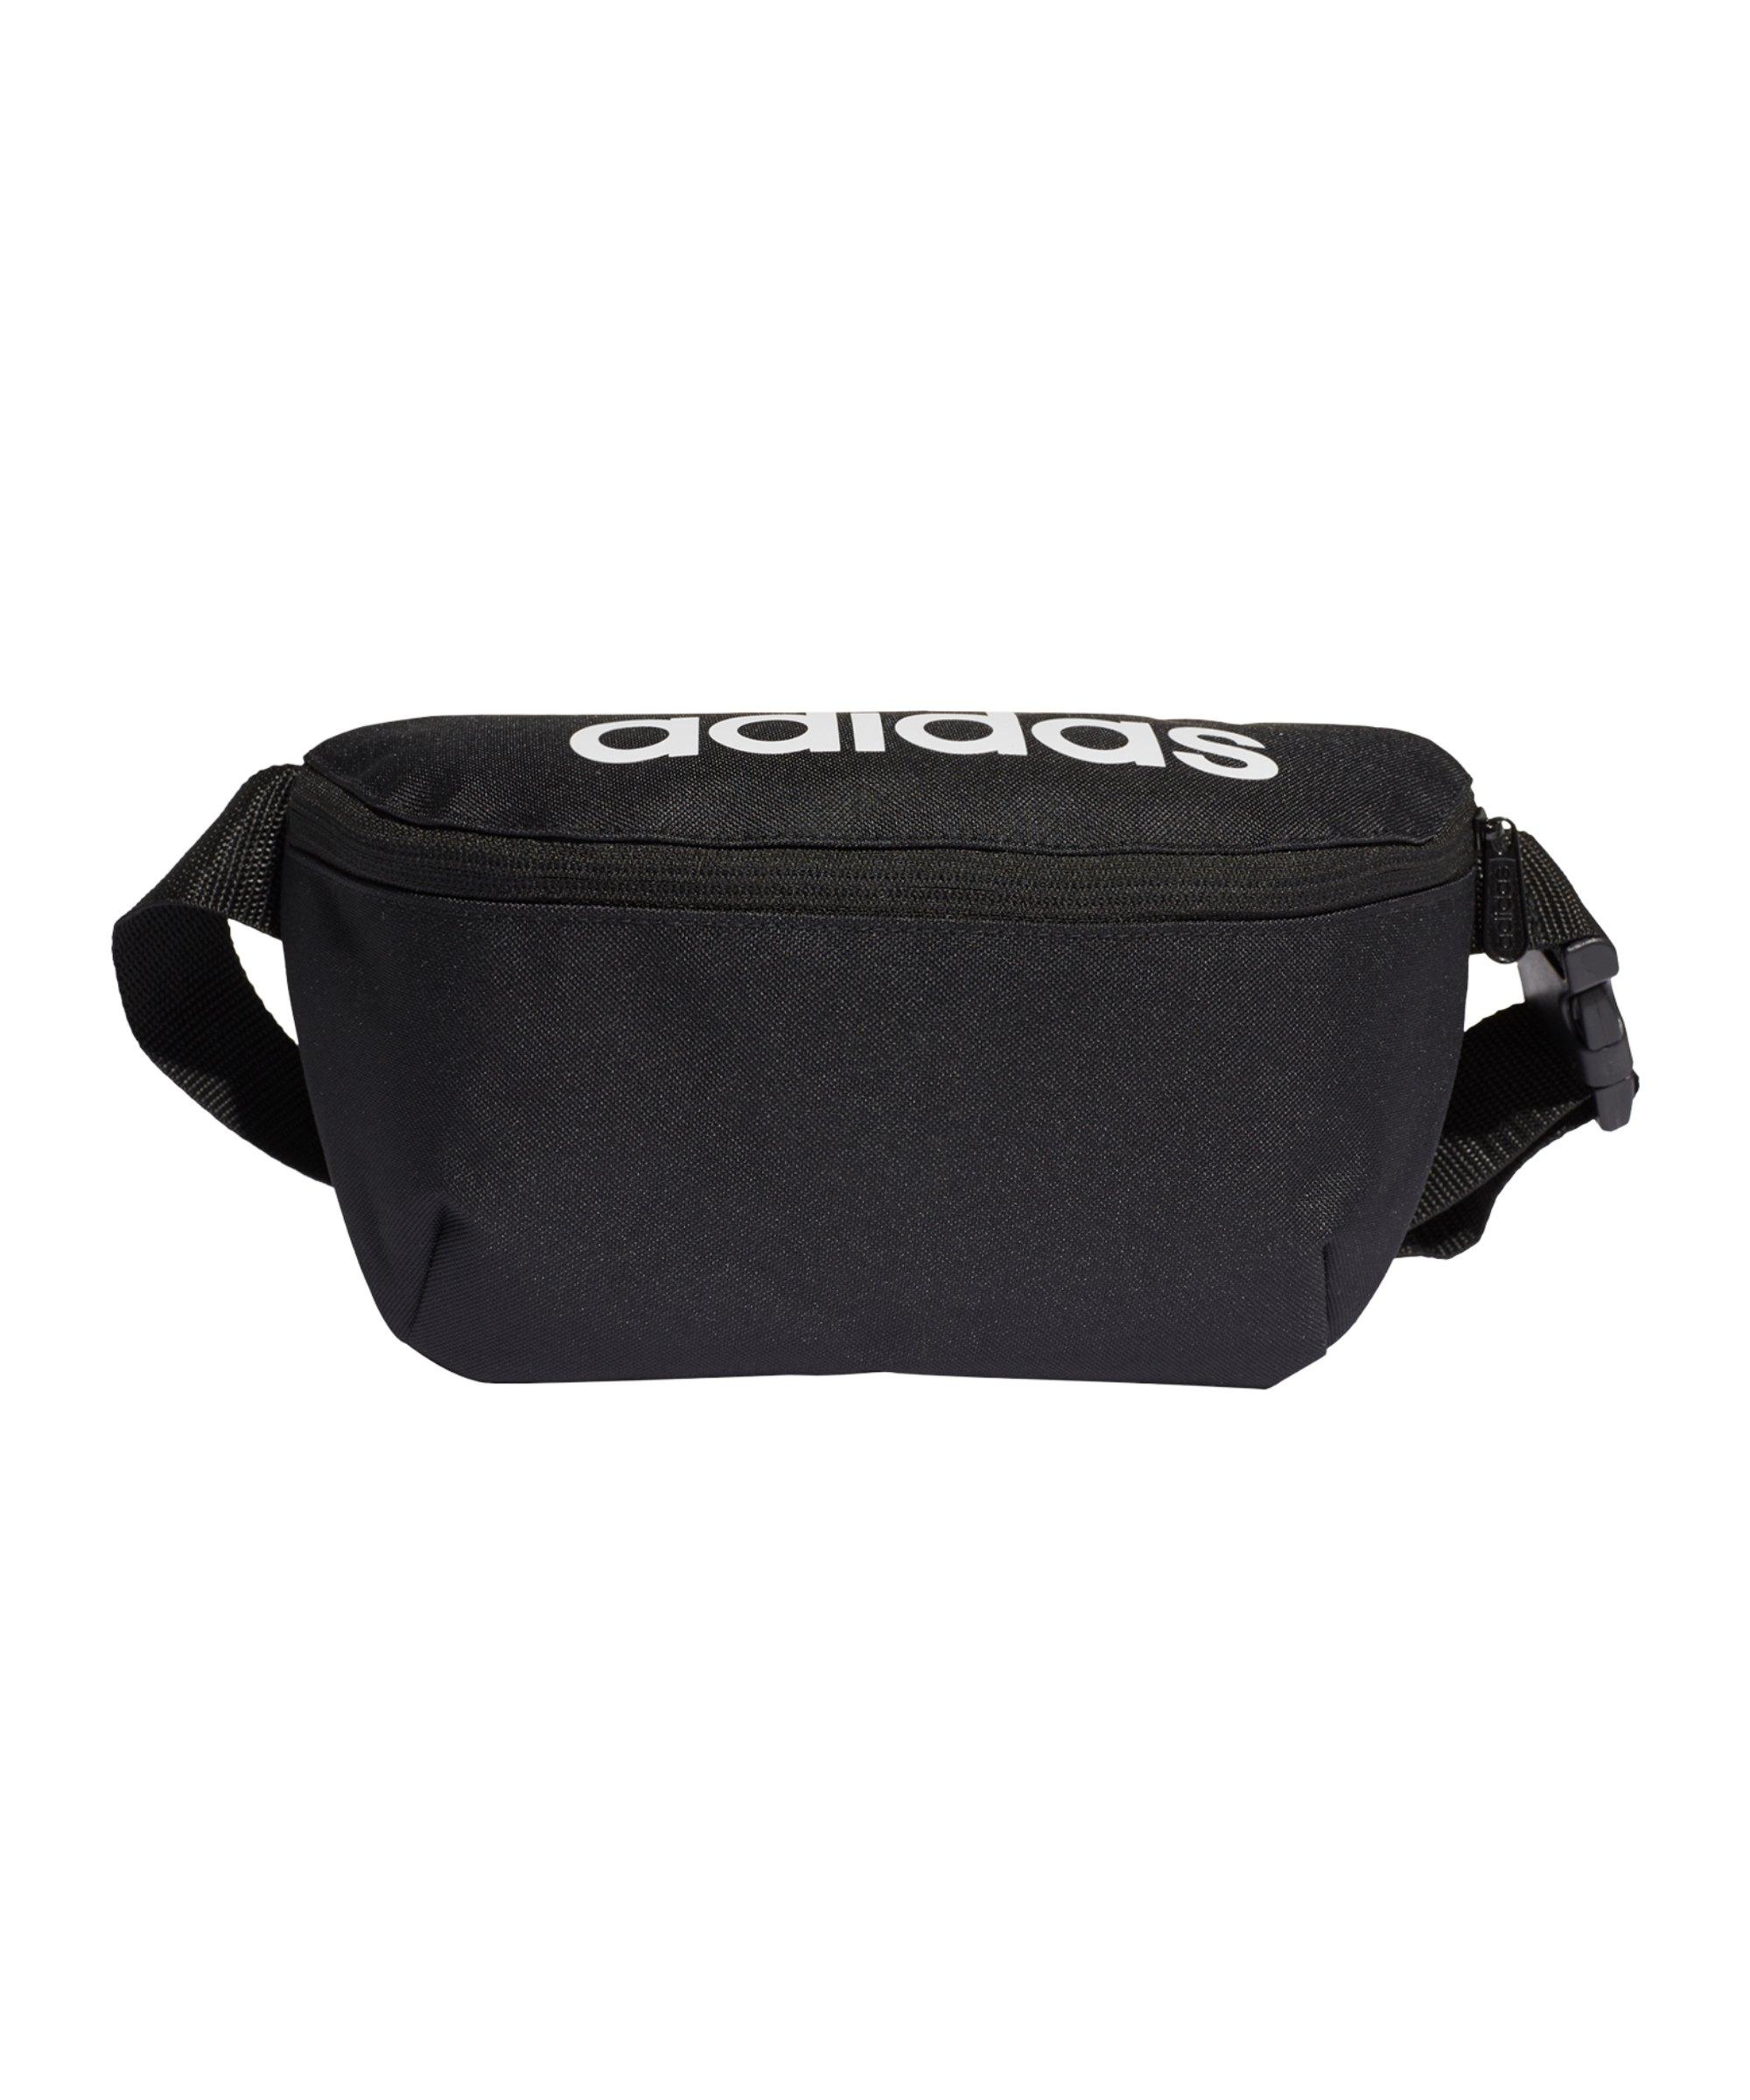 adidas Daily Hüfttasche Schwarz - schwarz